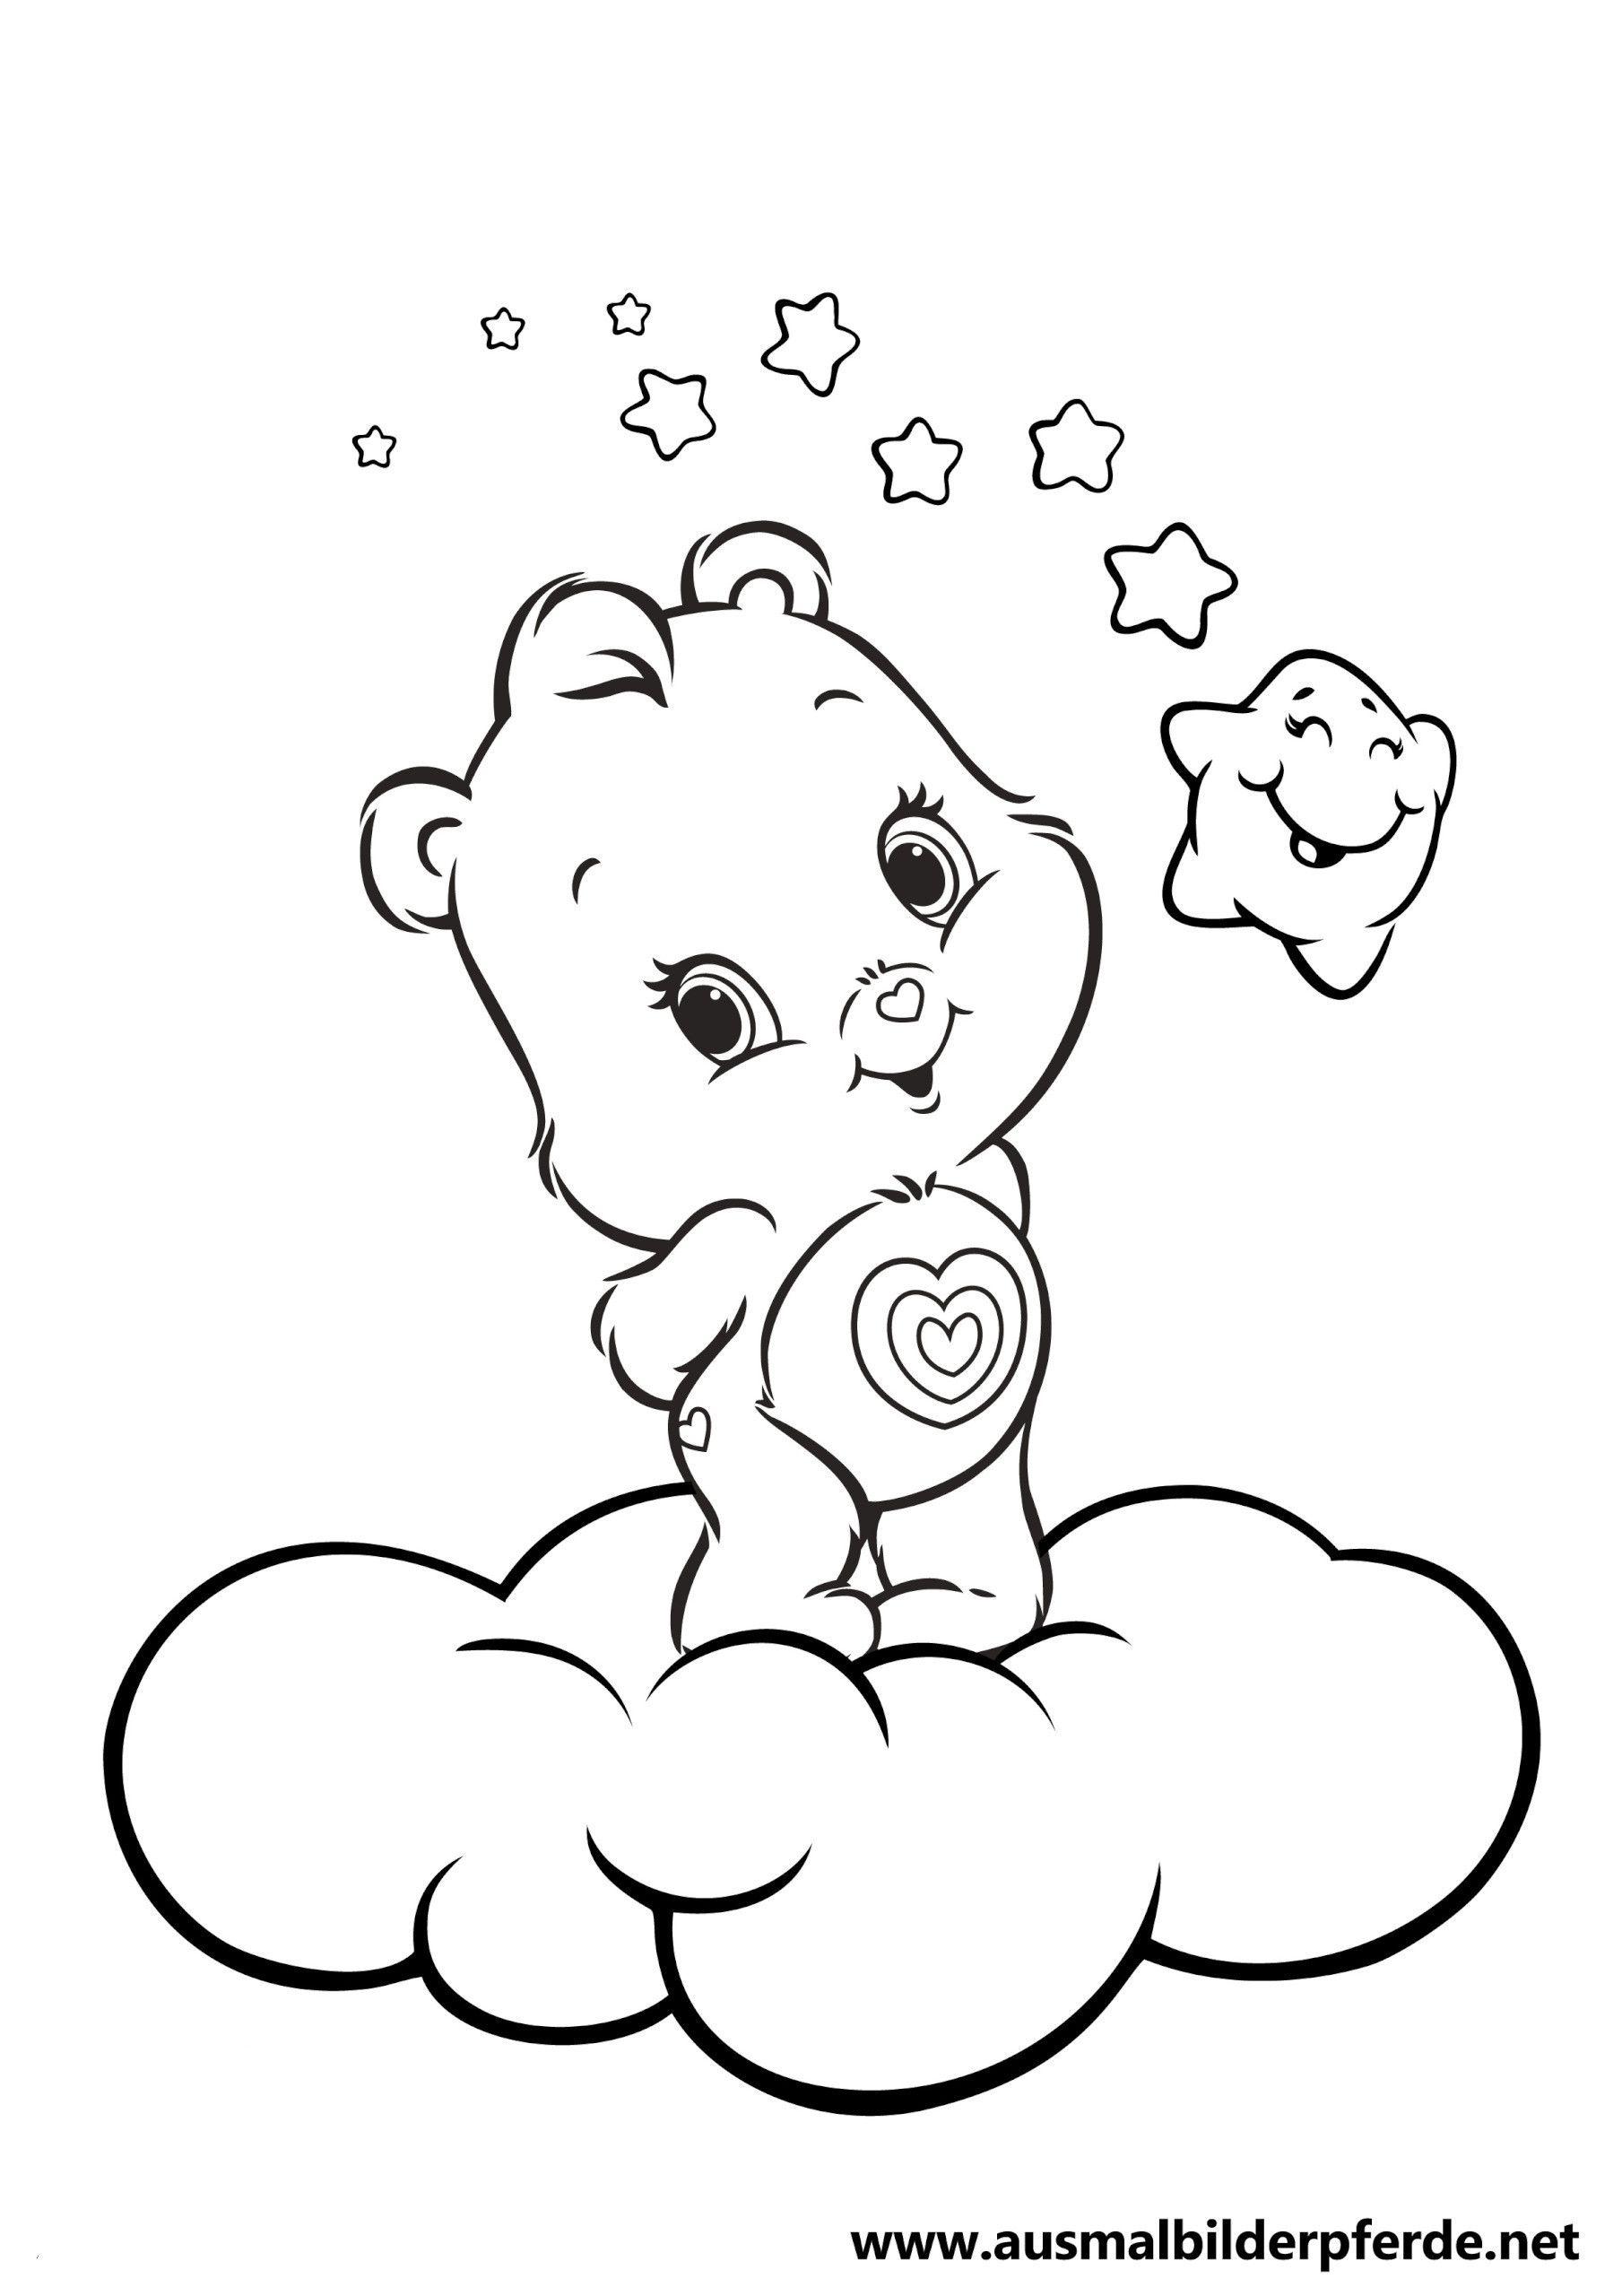 97 Genial Ausmalbilder Hunde Baby Stock Ausmalbilder Kostenlose Ausmalbilder Kostenlose Malvorlagen